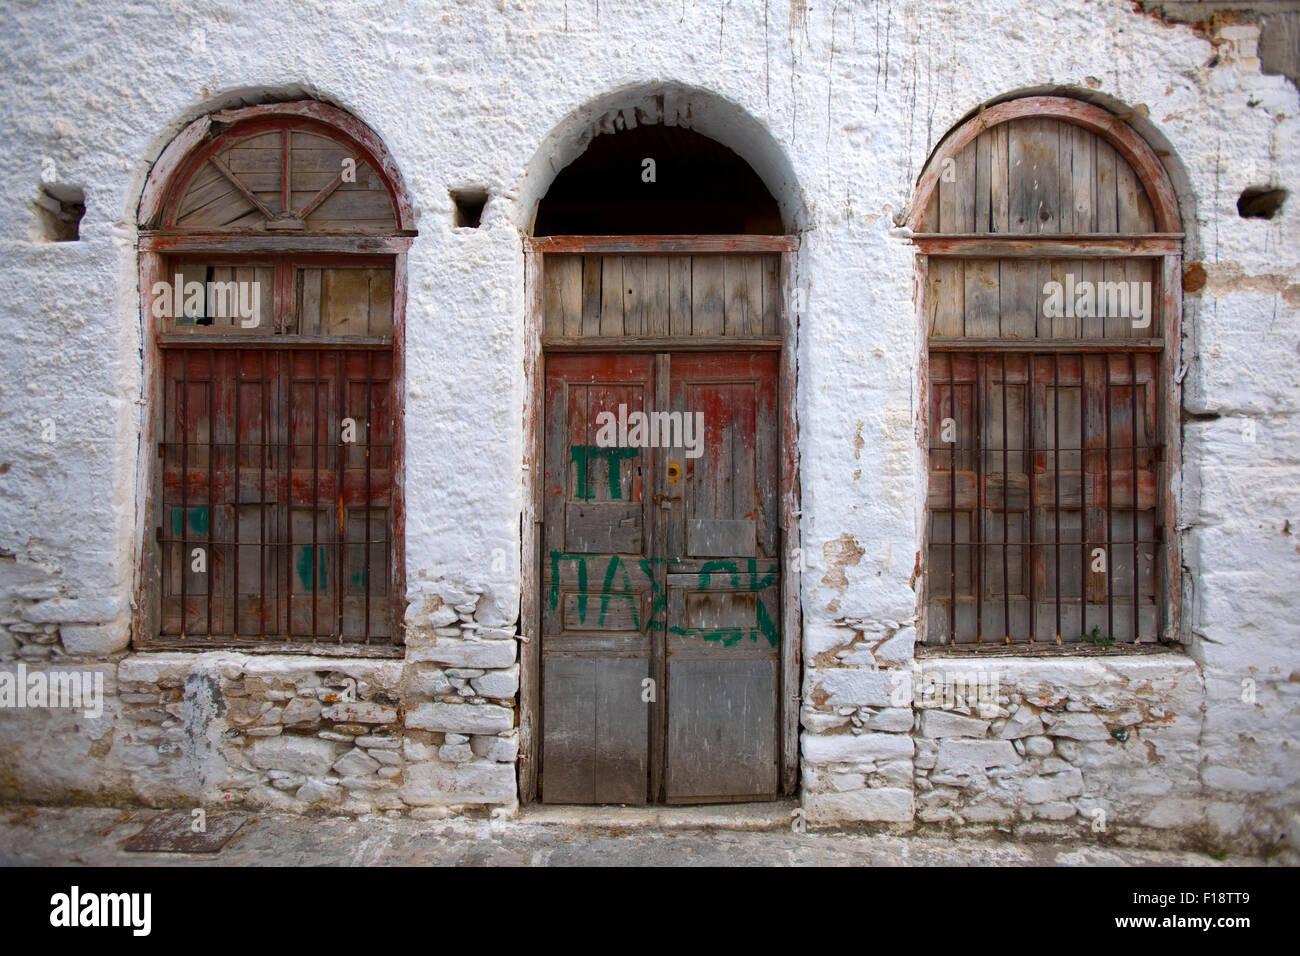 Griechenland, Kykladen, Naxos, Chalki, Hausfassade in der historischen Altstadt - Stock Image